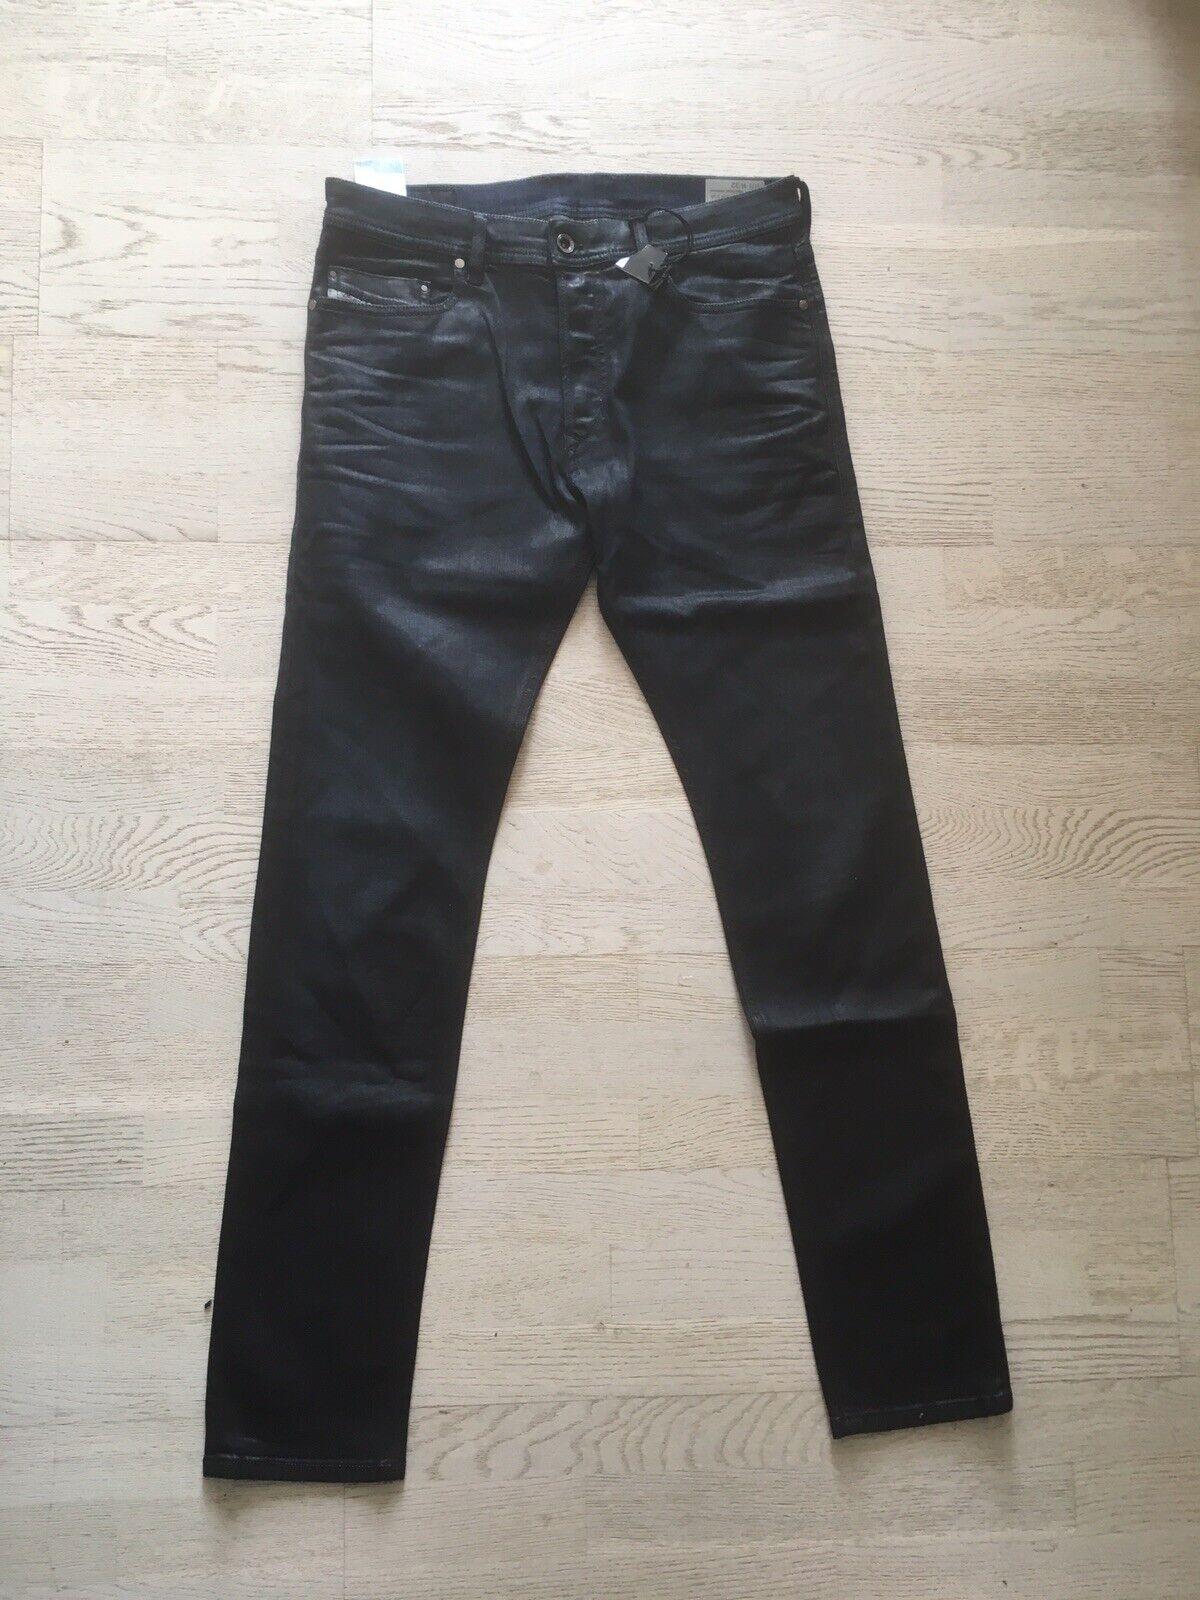 Diesel Tepphar Herren Jeans Blau W32 Neu Slim Fit gewachst